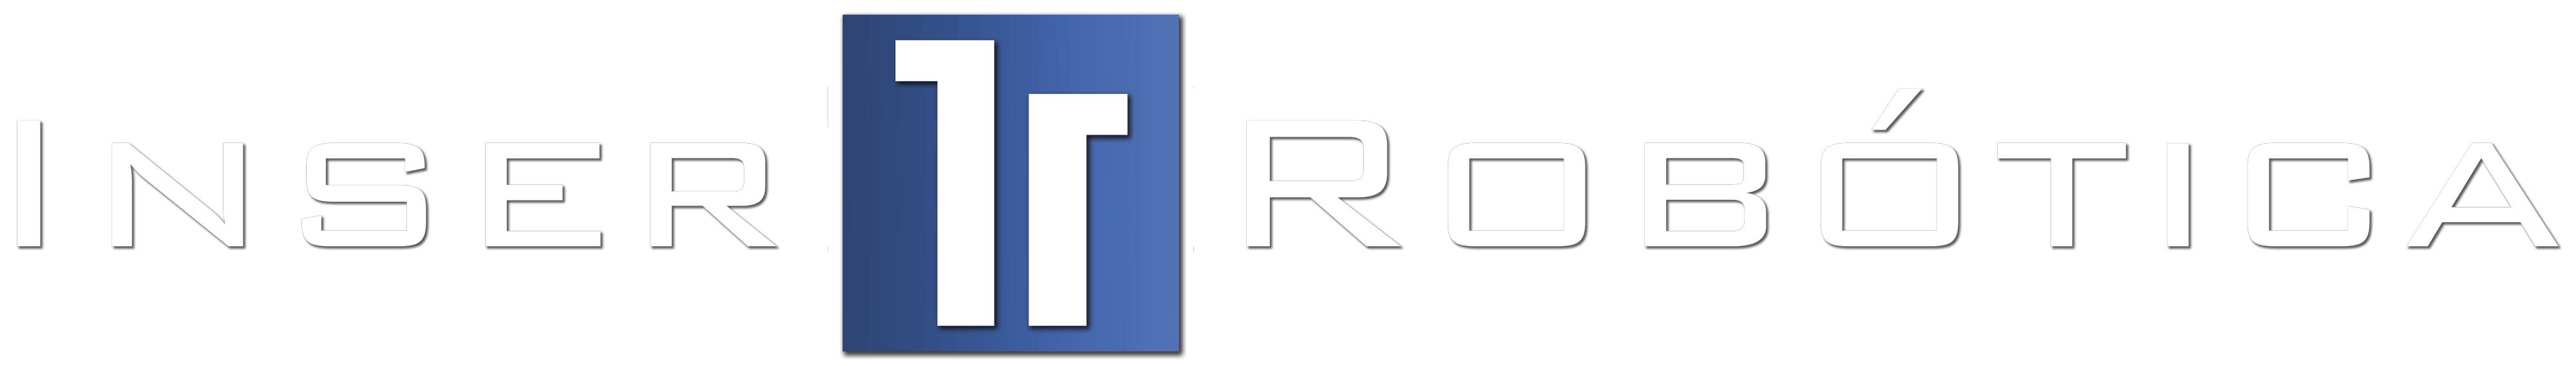 isologo-2016-letras-blancas-web